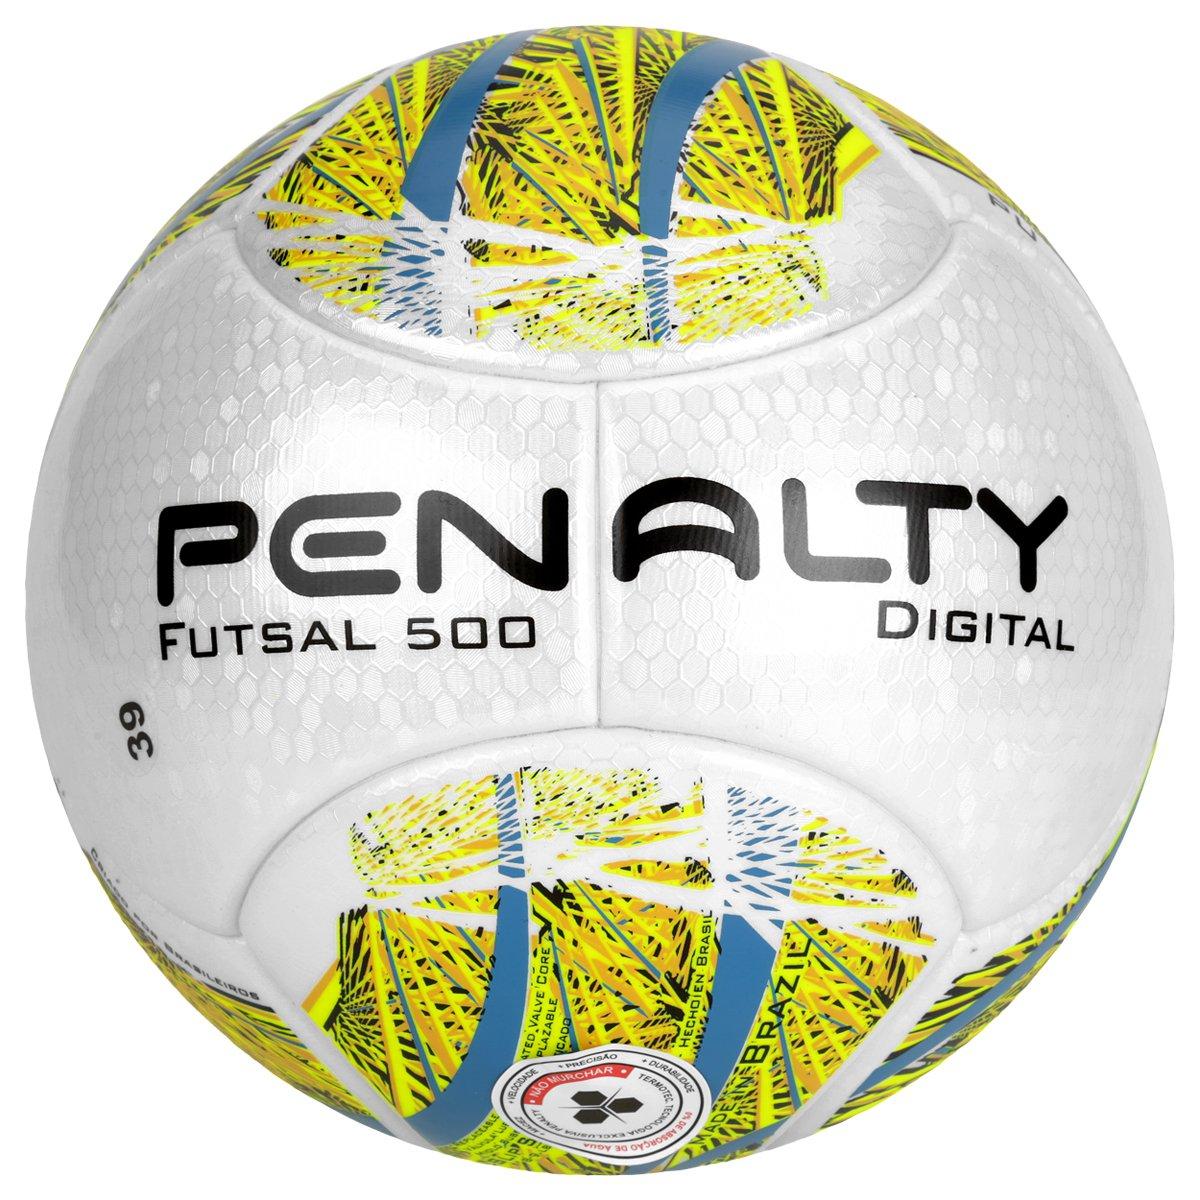 e1f242ffe6285 Bola Futebol Penalty Digital 500 Termotec 5 Futsal - Compre Agora ...